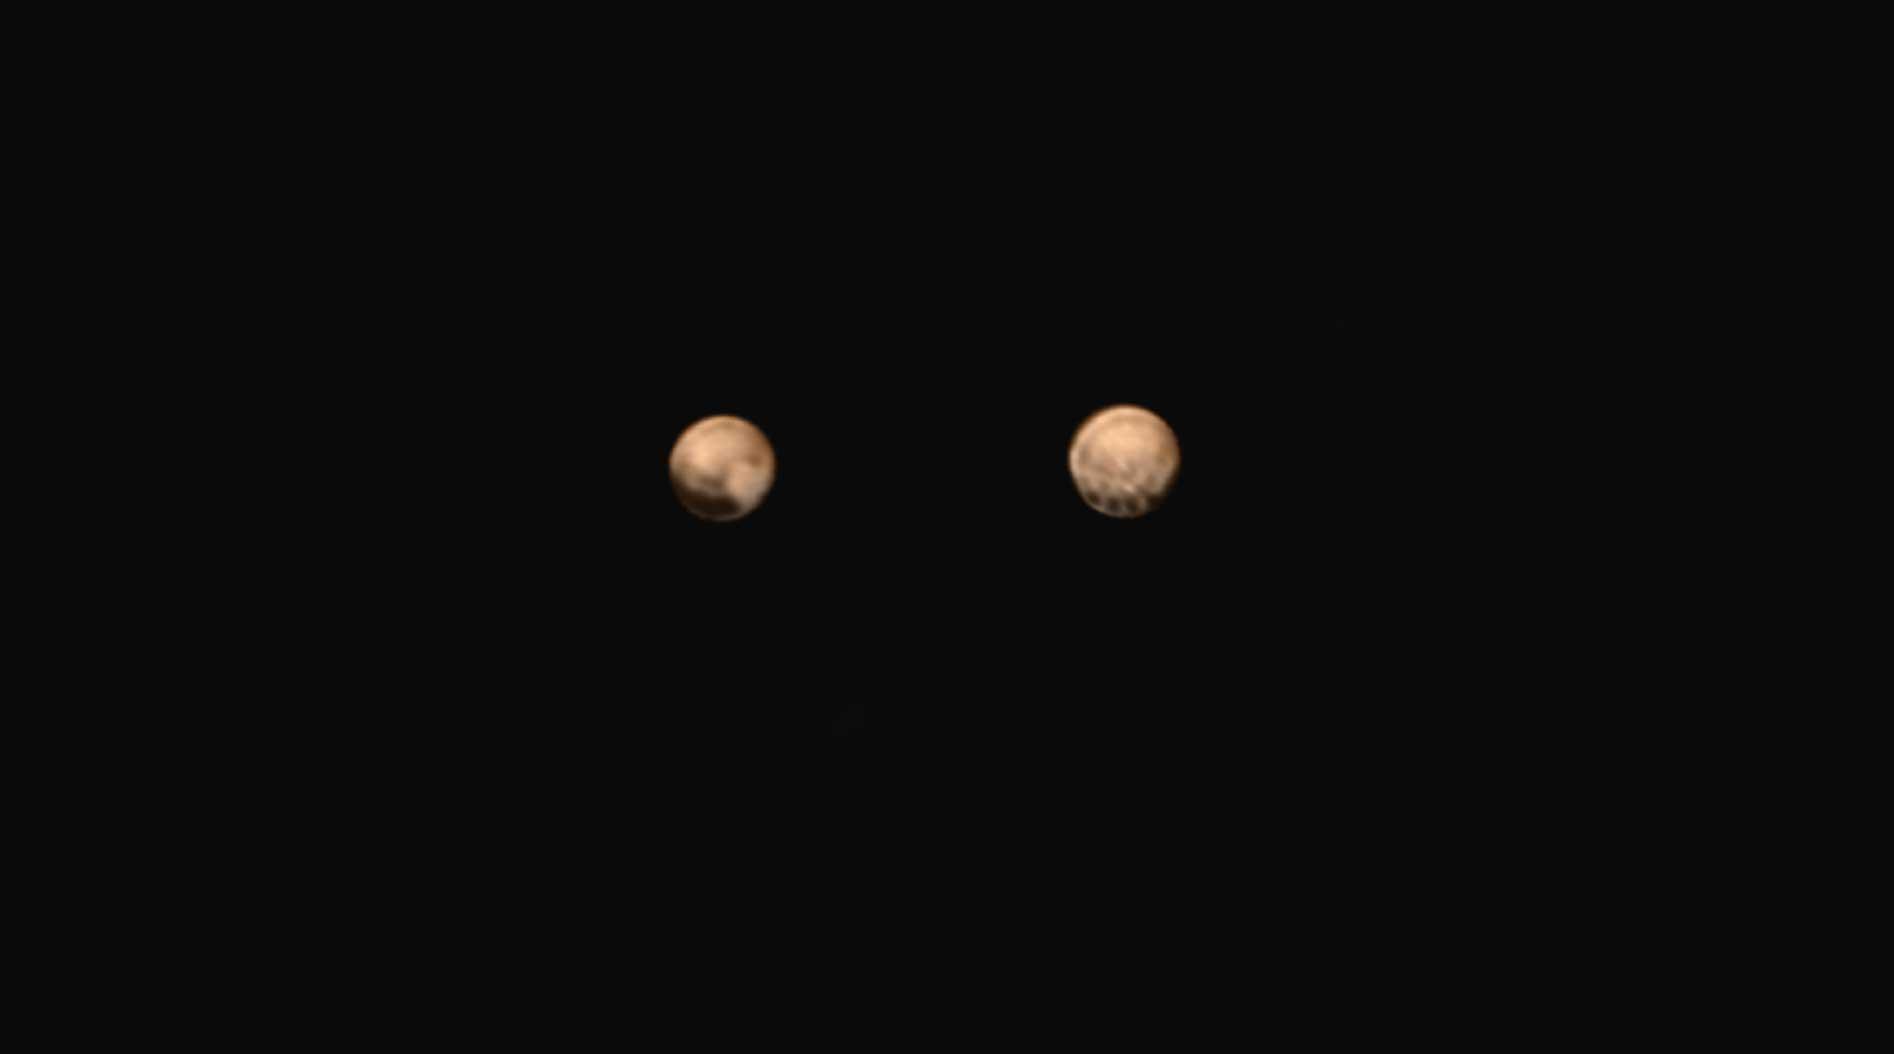 Sonda New Horizons už je na dohled Plutu, kolem trpasličí planety proletí příští úterý